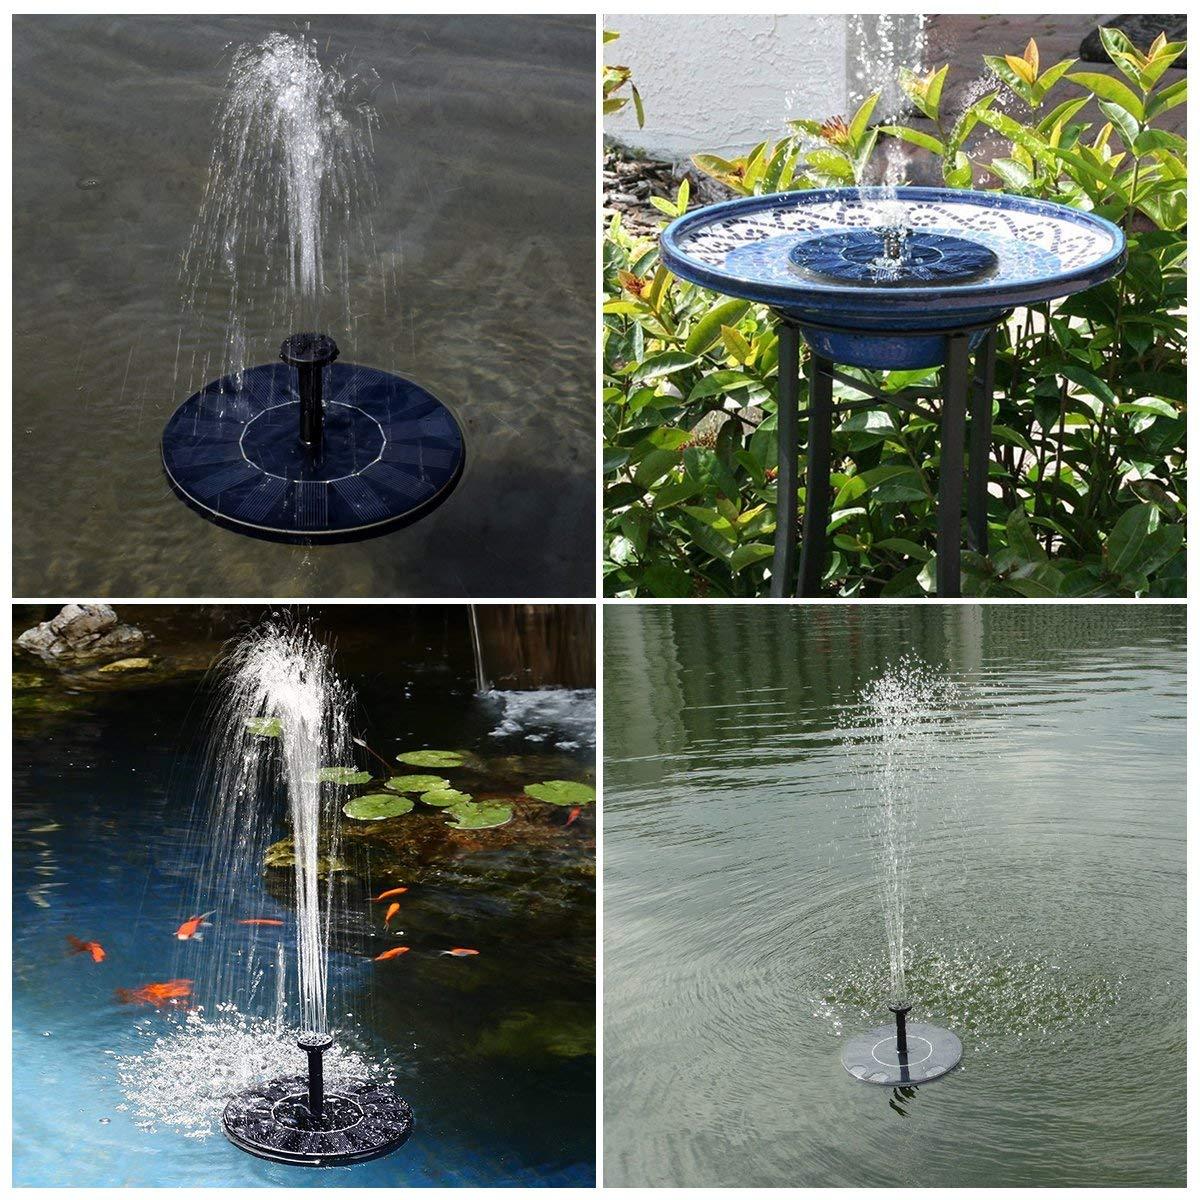 Springbrunnen Solar Pumpe Teichpumpe Brunnen Fontäne Garten Teich Wasserspiel eBay ~ 25103717_Kleiner Garten Springbrunnen Solar